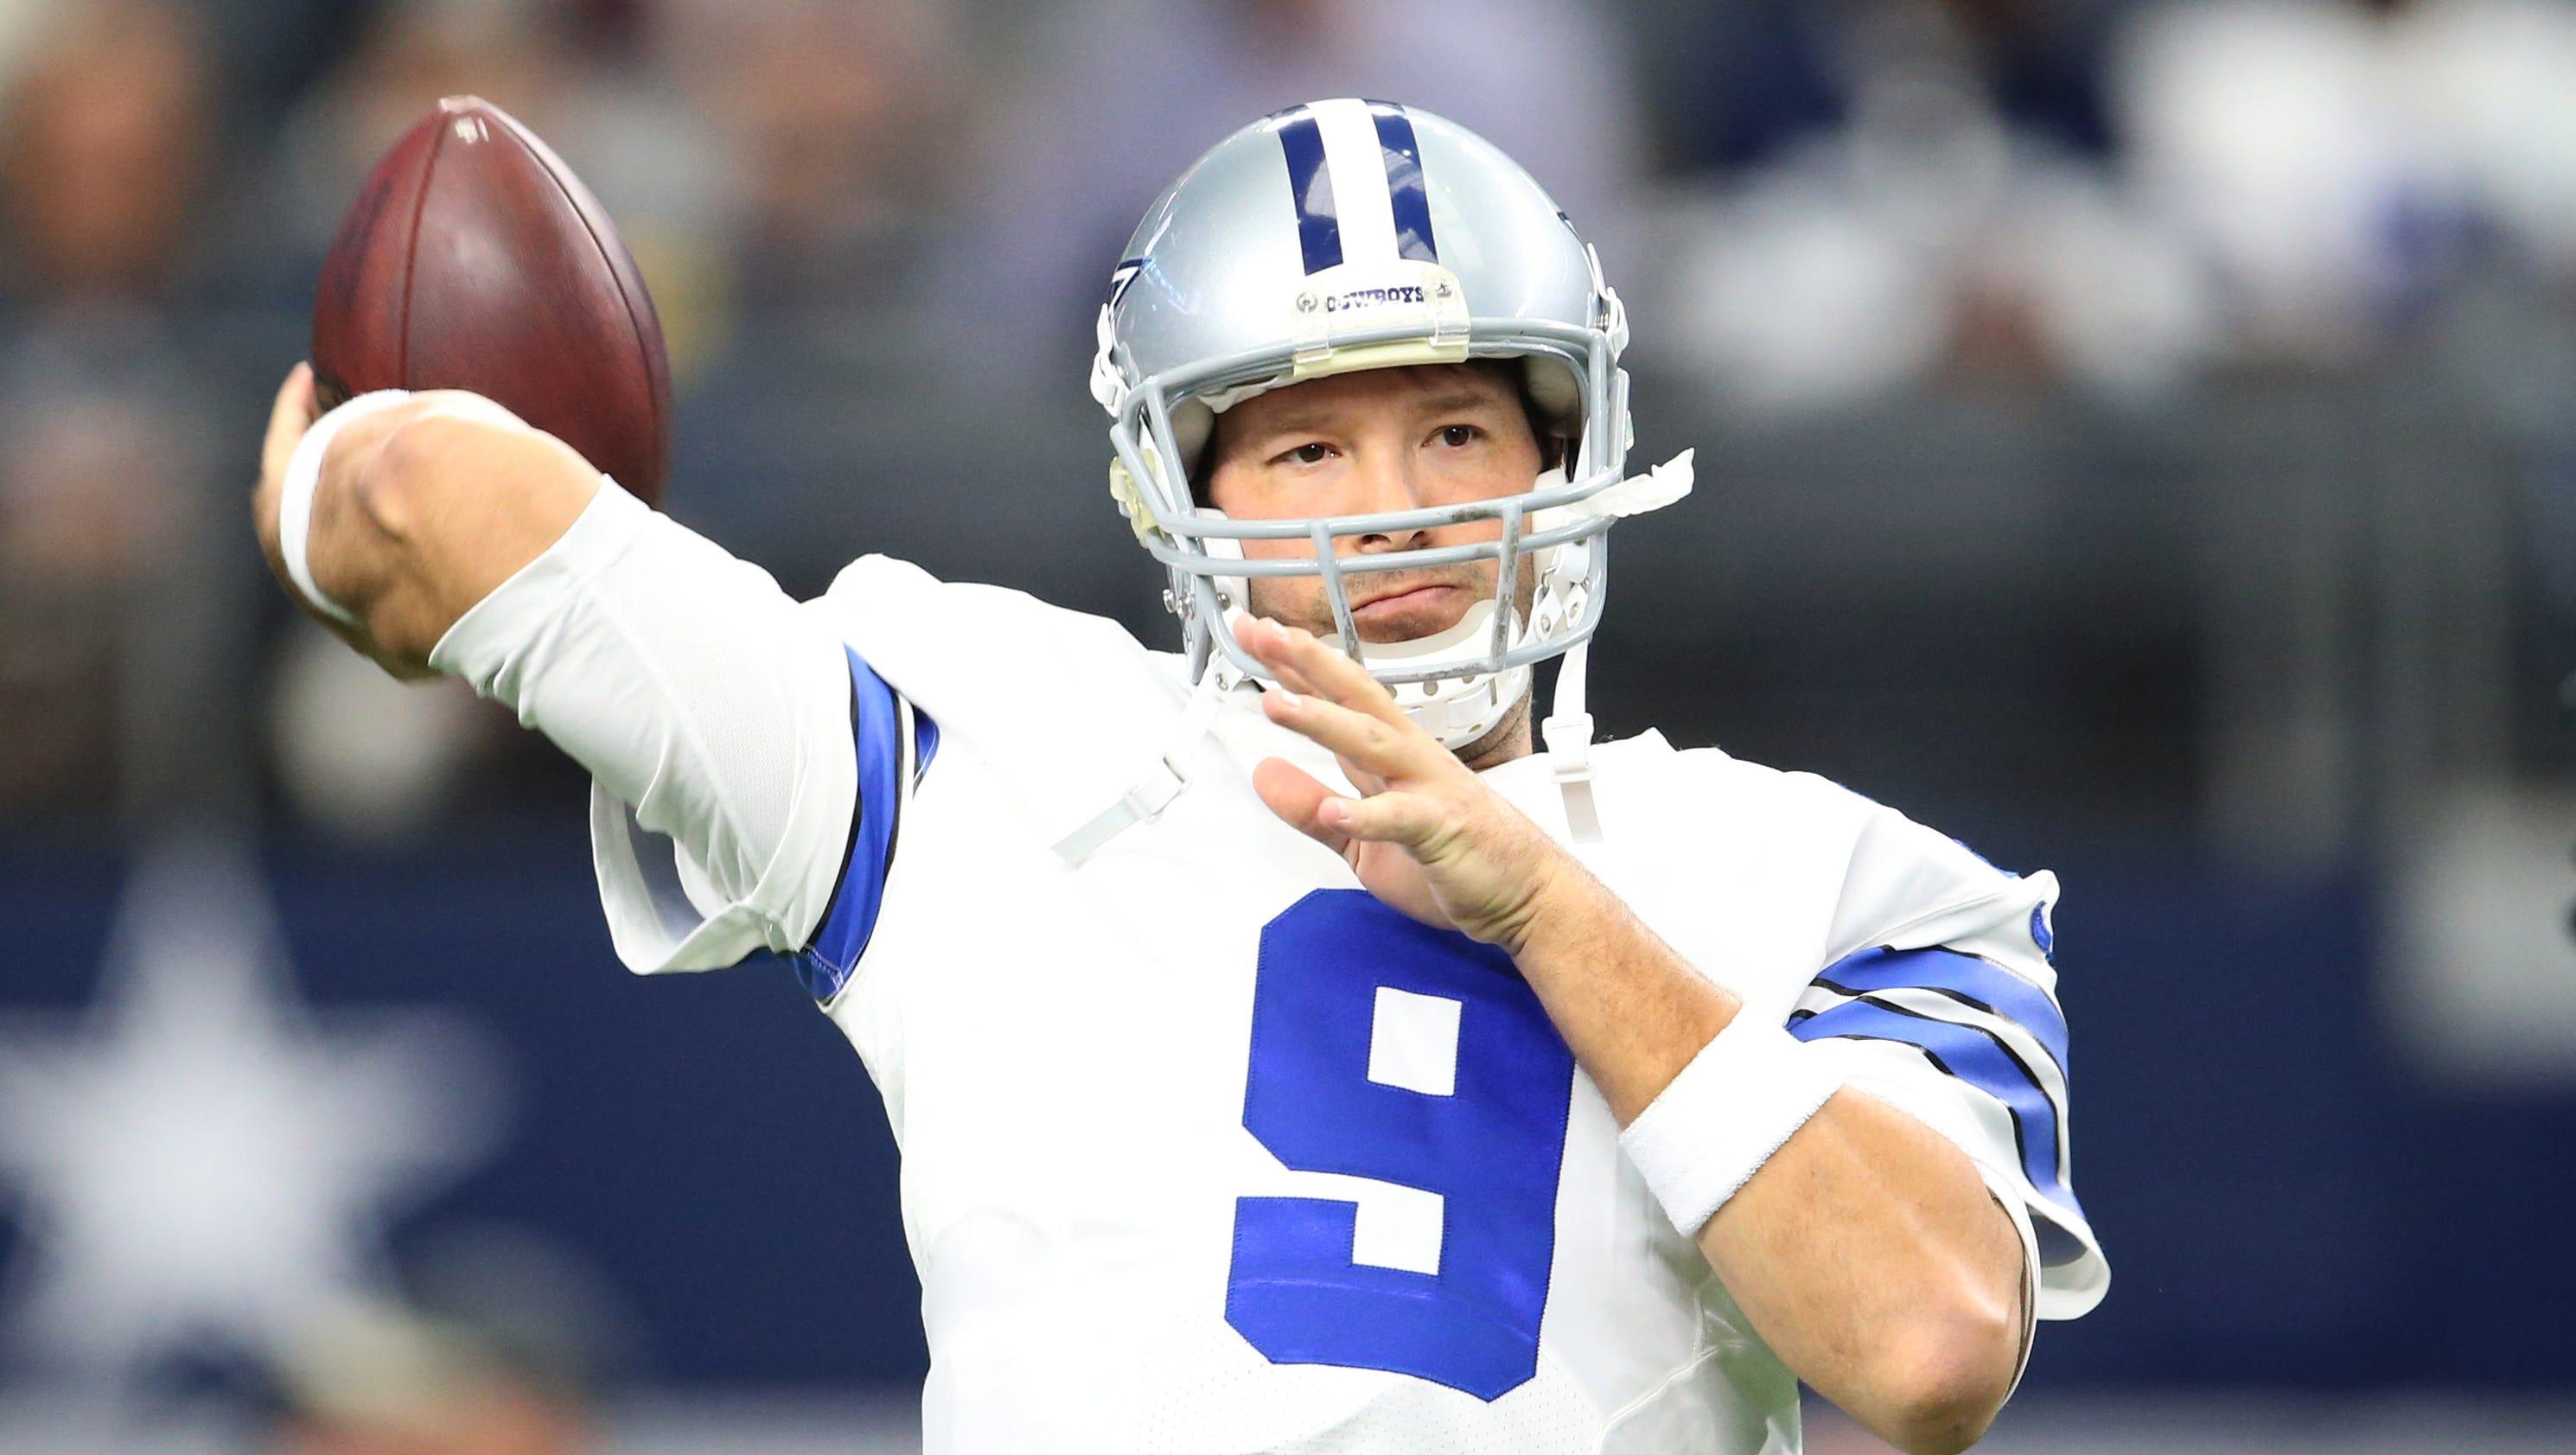 Friday NFL buzz: Cowboys will reportedly play Tony Romo on Sunday